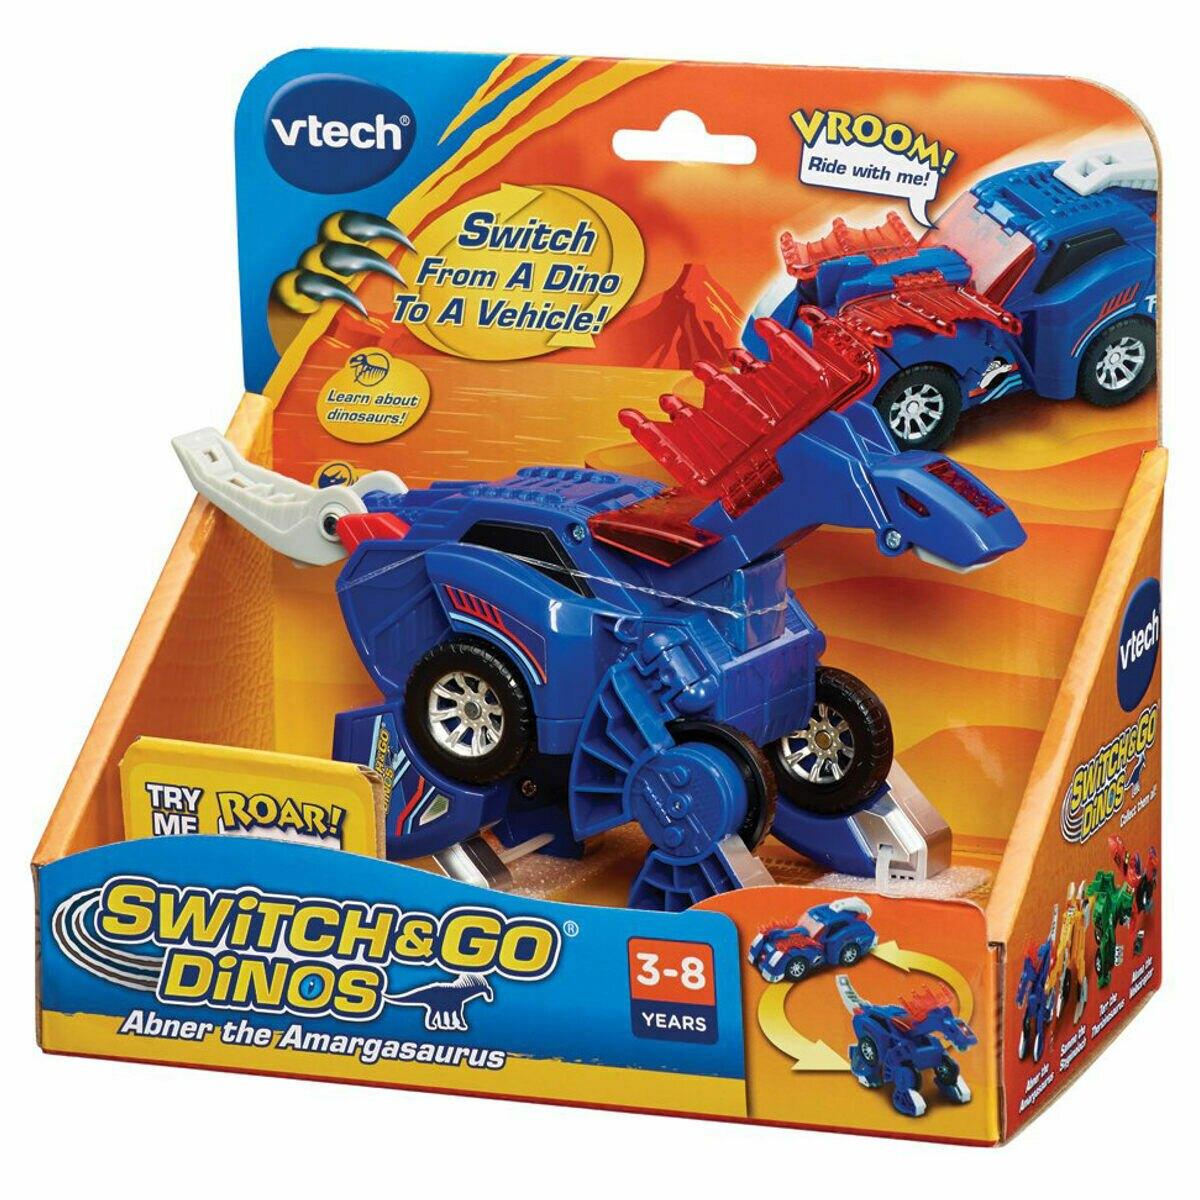 《英國 Vtech》聲光變形恐龍車-阿馬加龍-艾伯納 東喬精品百貨